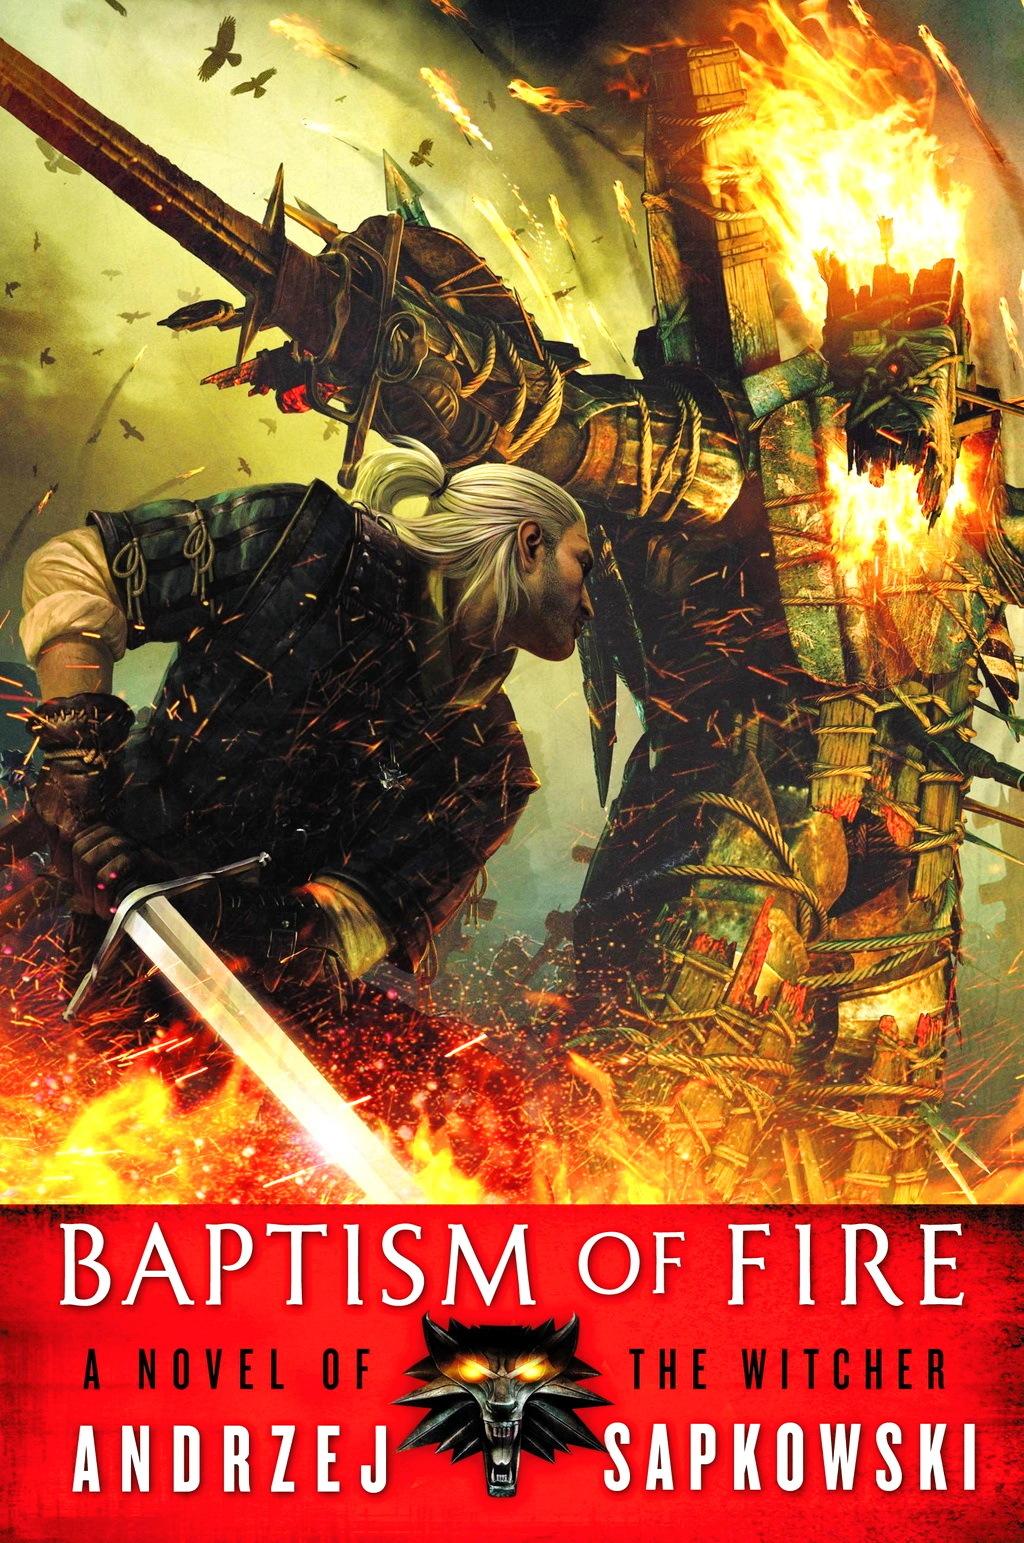 Andrzej Sapkowski - The Witcher 3 - Baptism of Fire